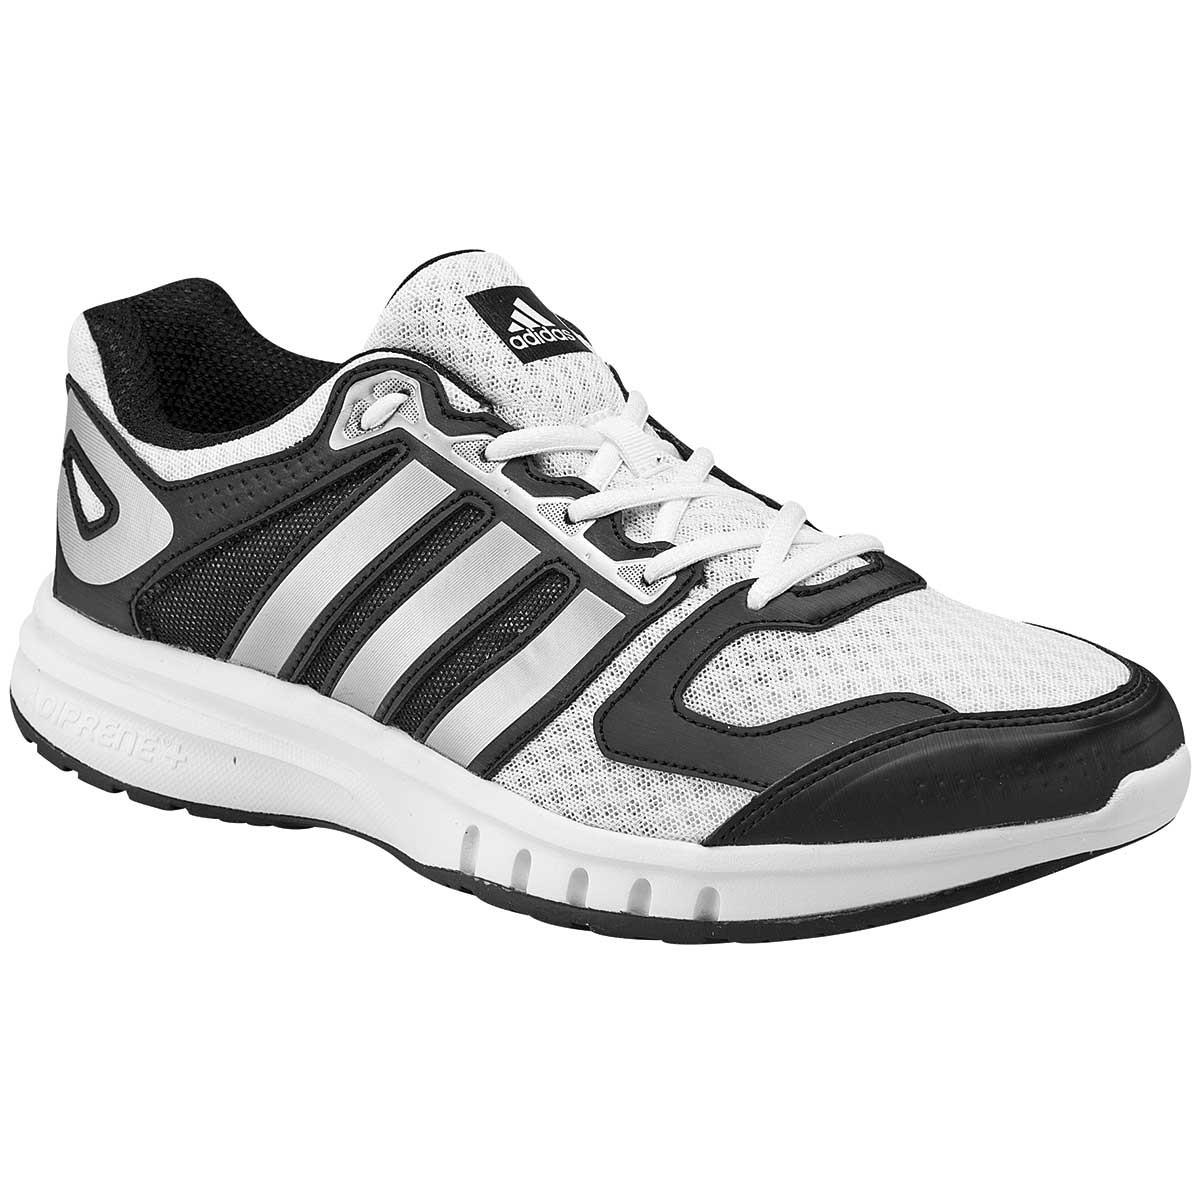 Кроссовки беговые Adidas Men's Duramo 6 M18344